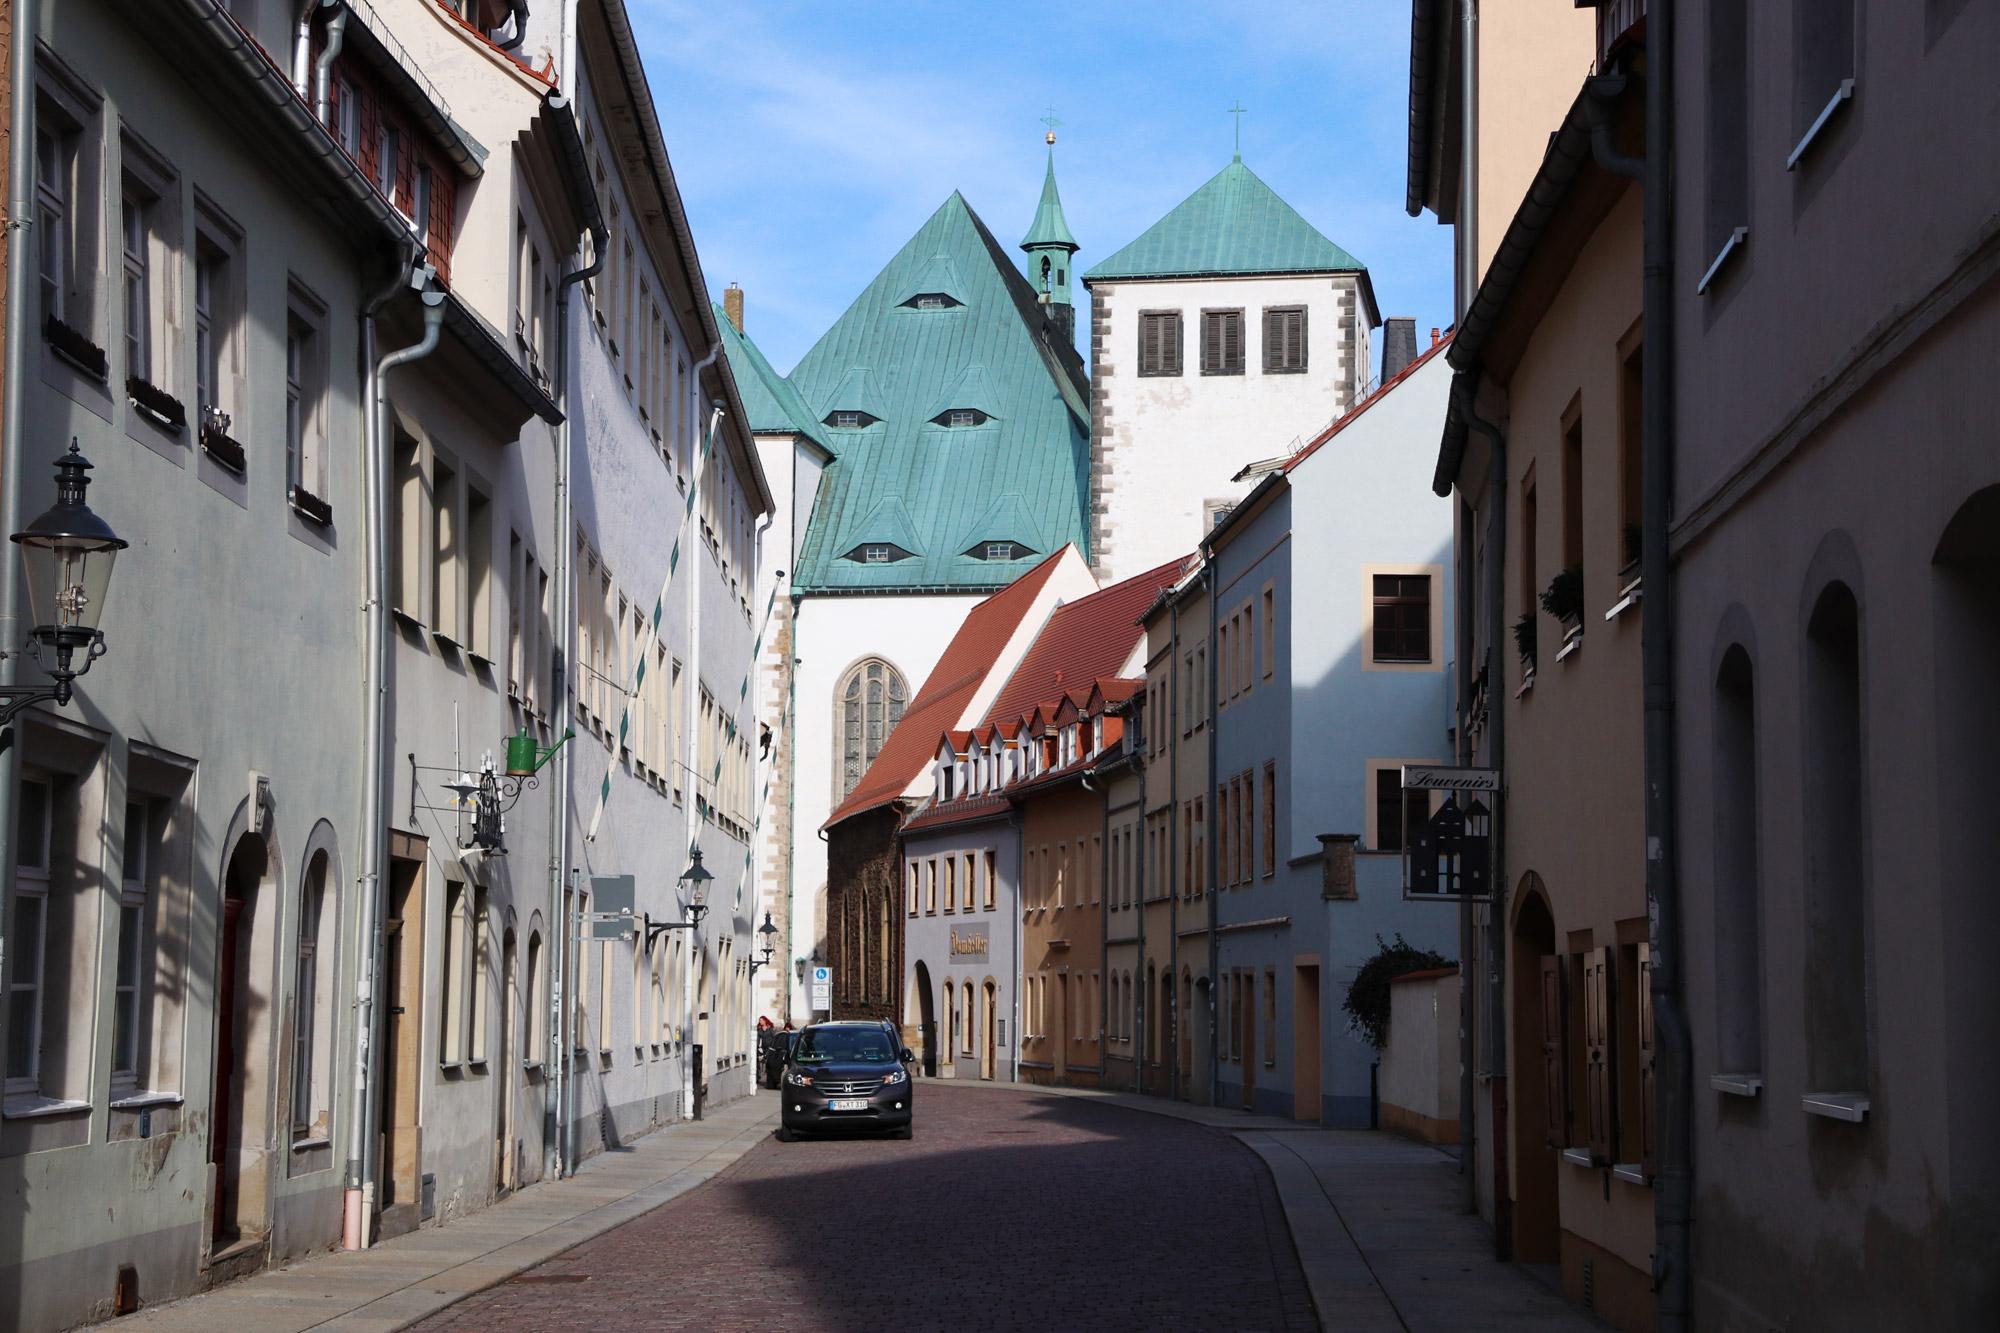 Freiberg, de zilverstad in Saksen - Leuke straatjes